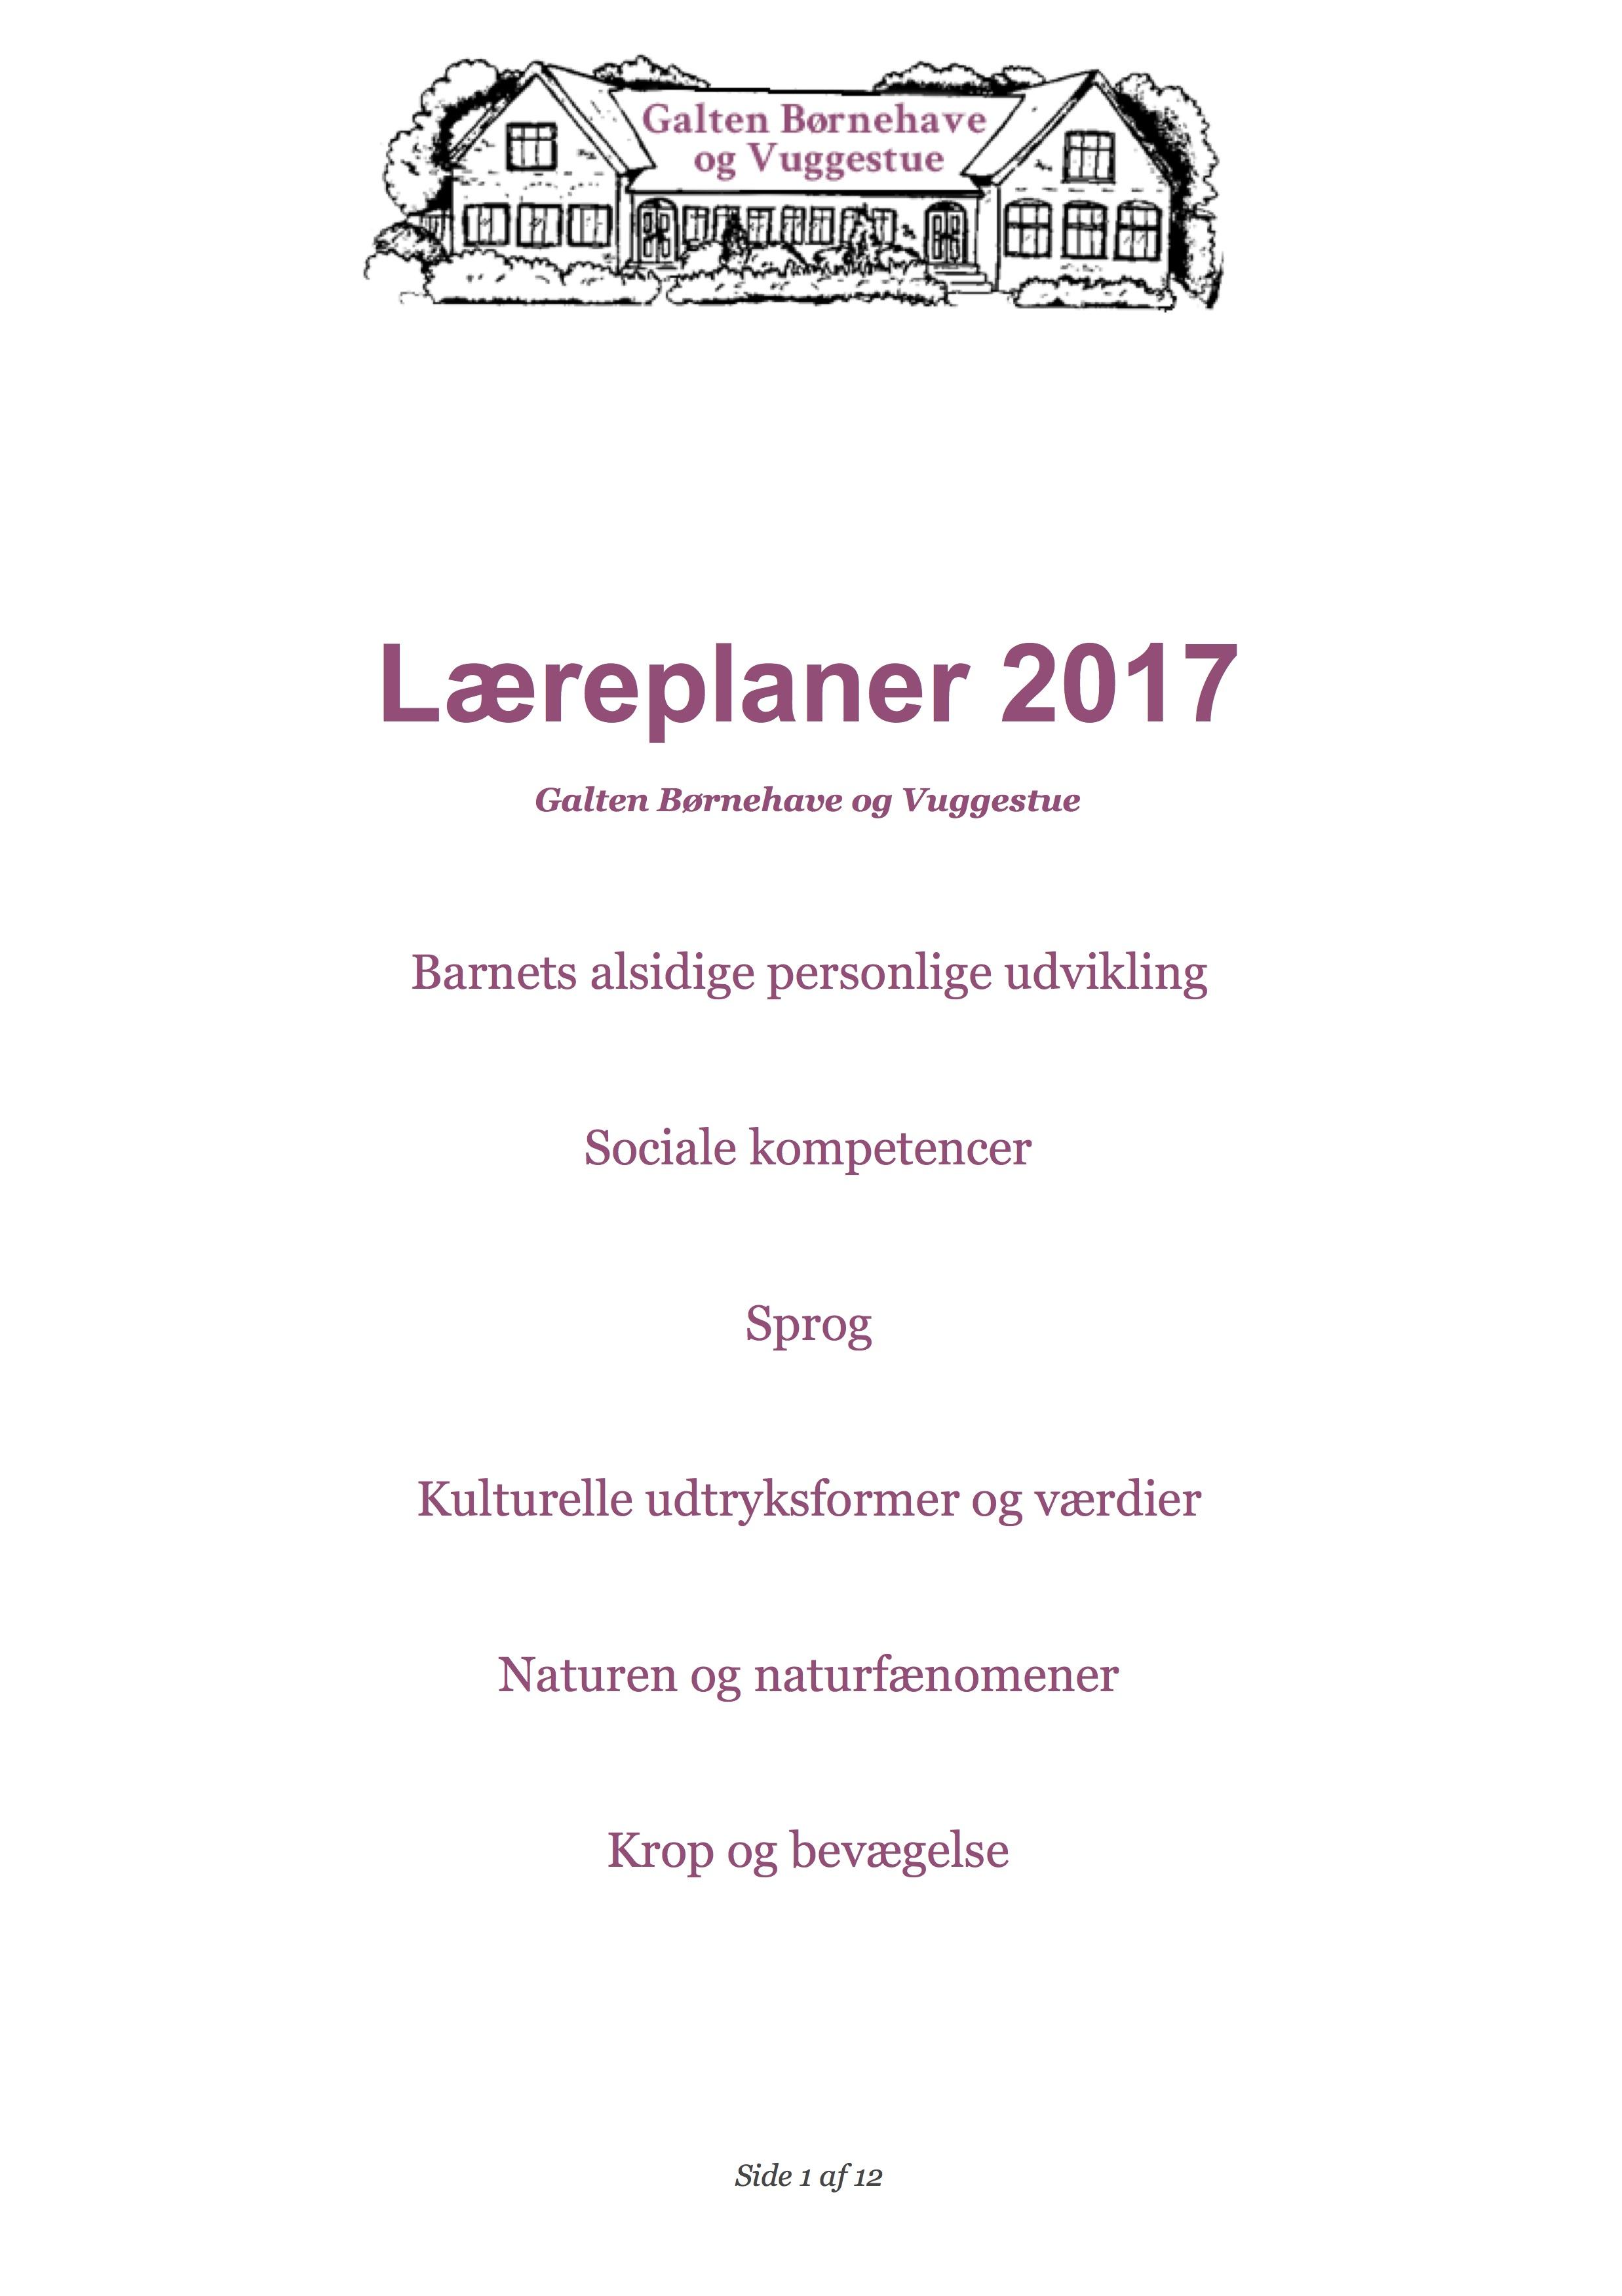 Læreplaner 2017 – GBV